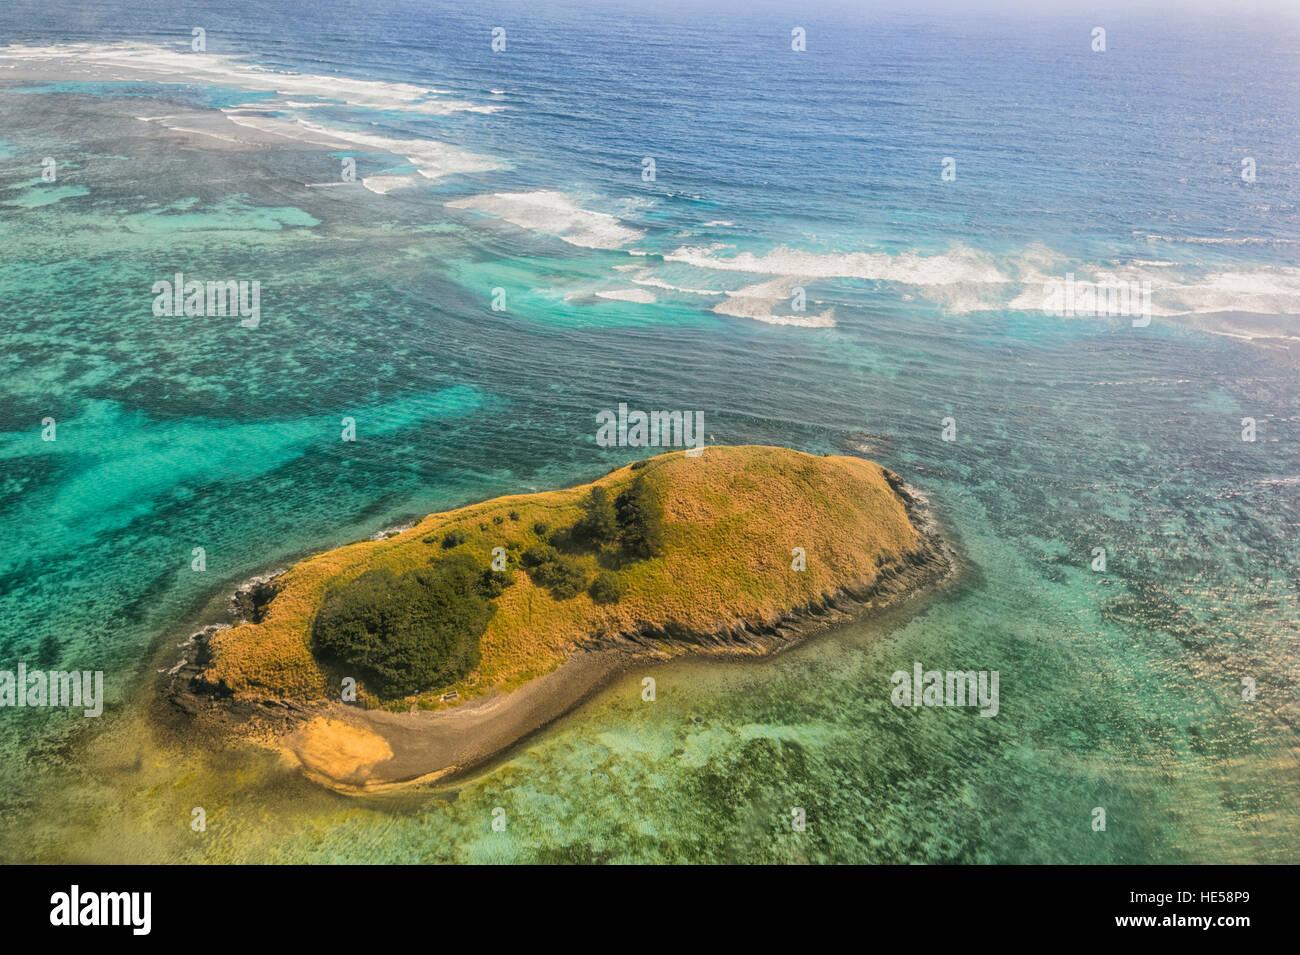 Luftaufnahme des Reef in der Nähe von Lord Howe Island, Tasman Sea, New South Wales, NSW, Australien Stockfoto